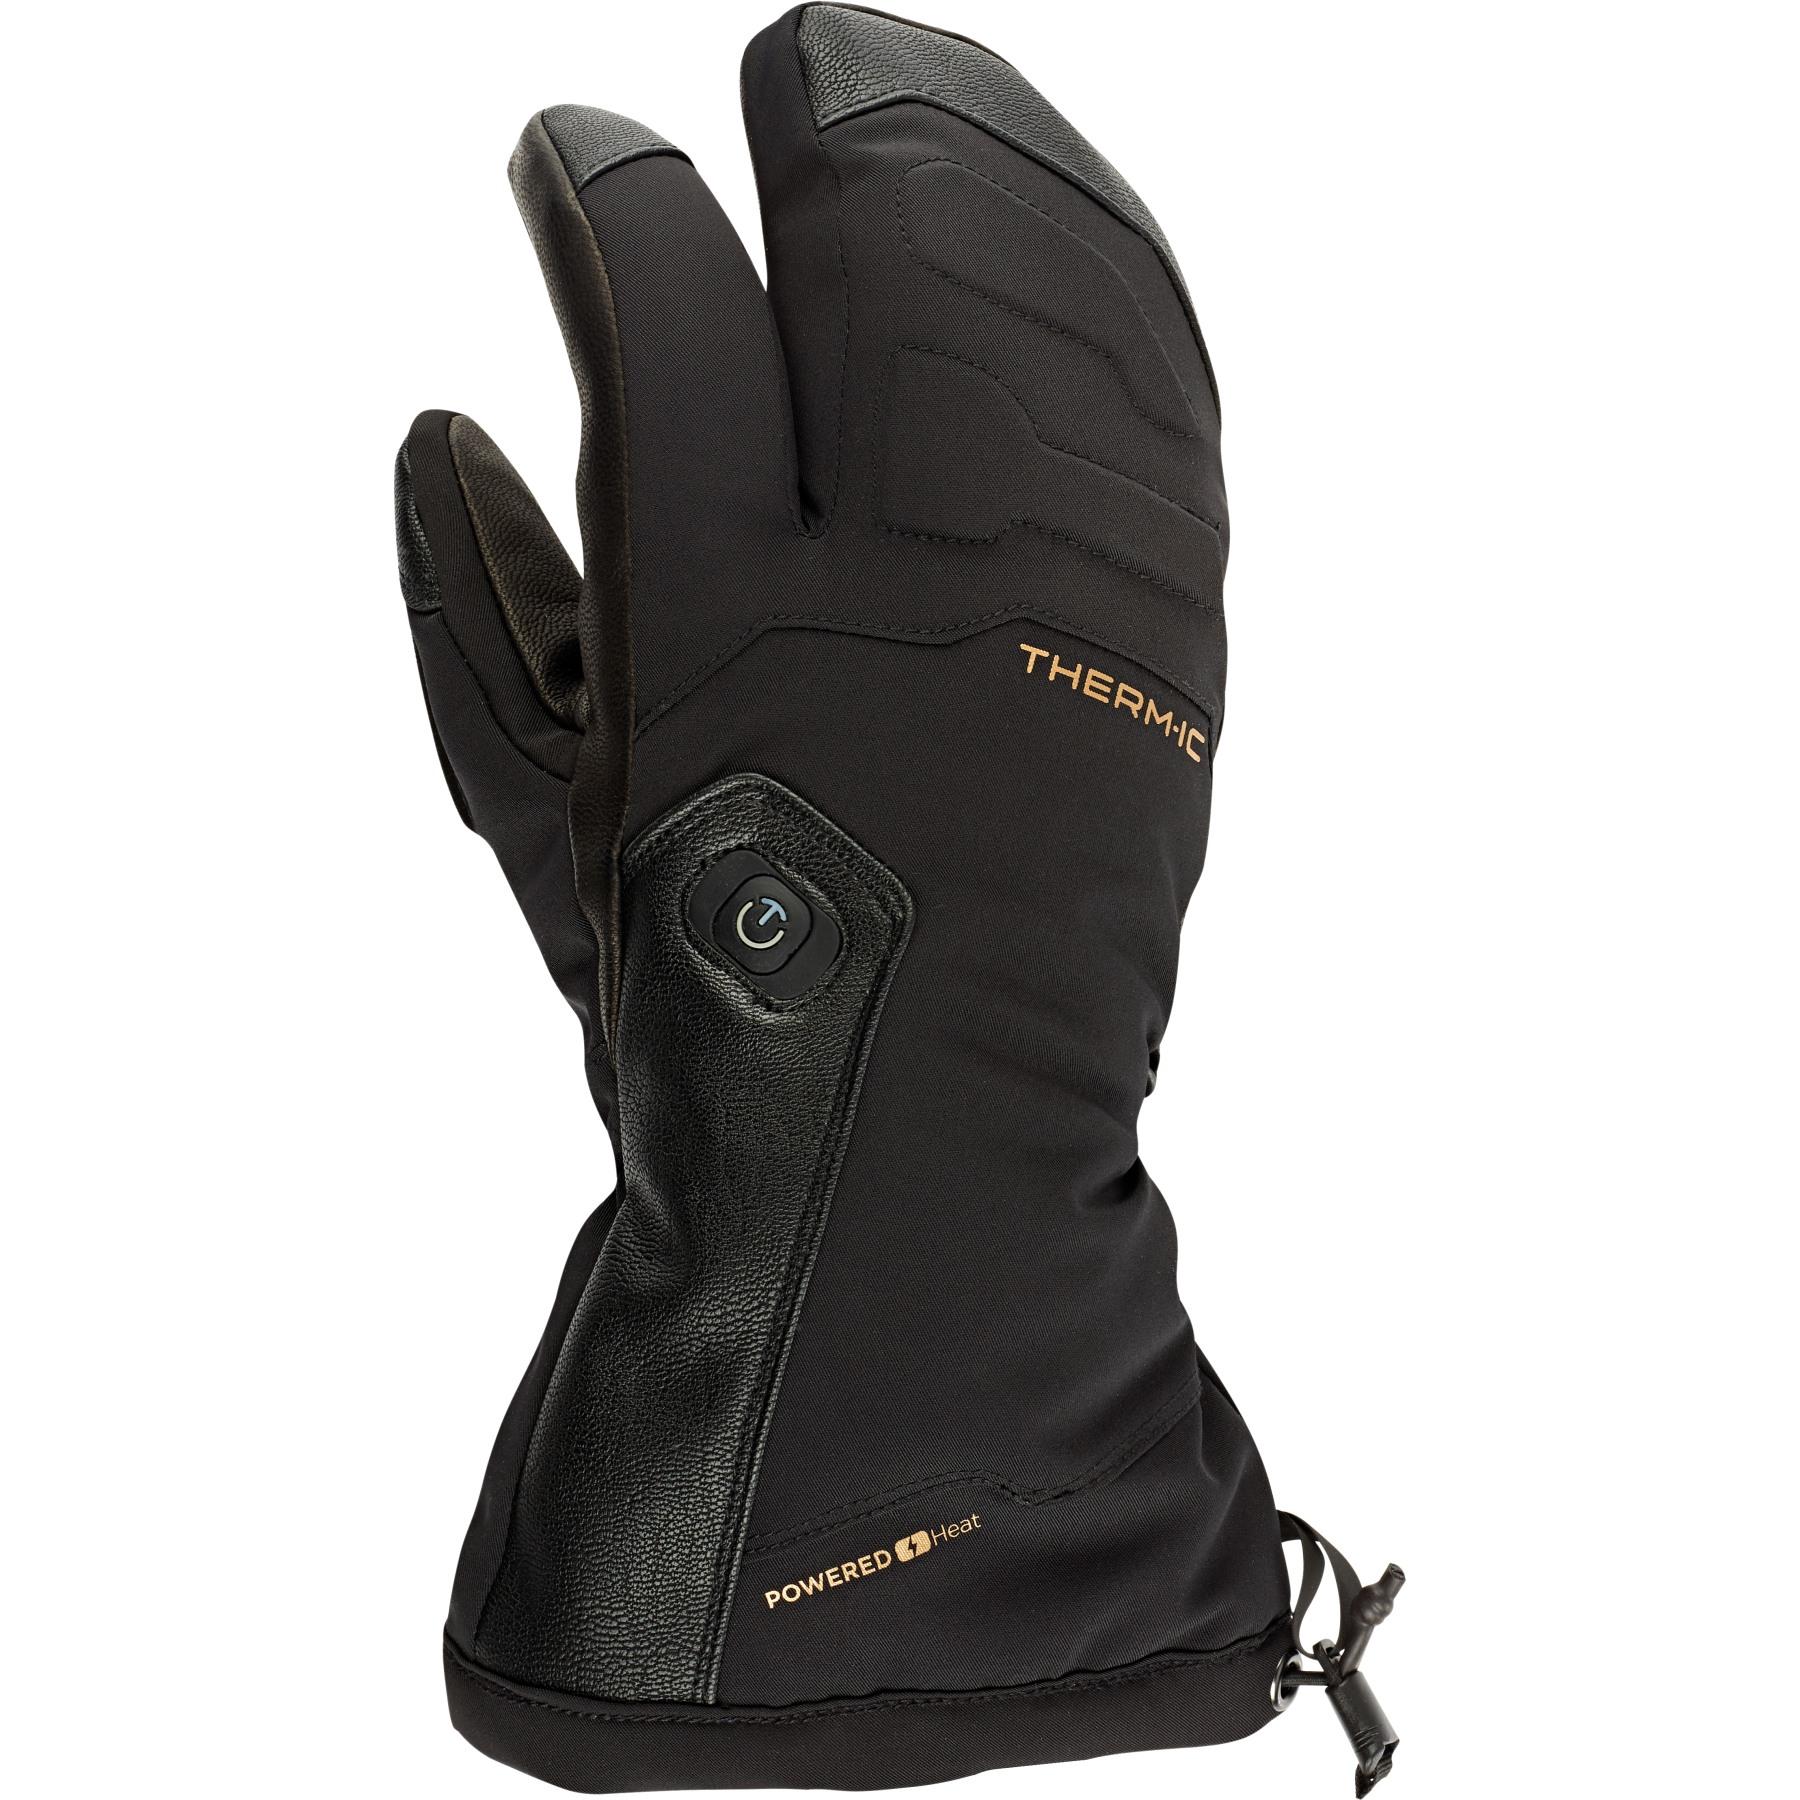 therm-ic Power Gloves 3+1 Beheizbare Handschuhe - Schwarz